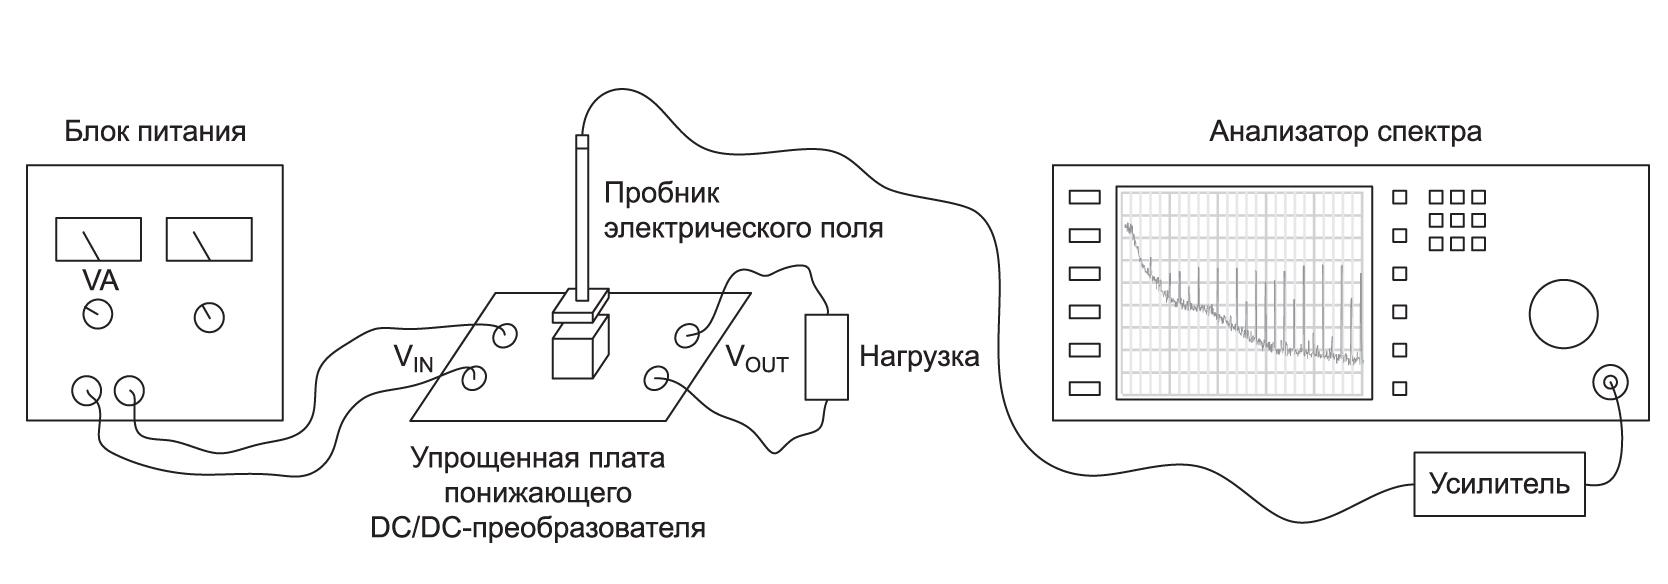 Электрическая схема испытательной установки для изучения неэкранированных, полу и полностью экранированных индуктивностей